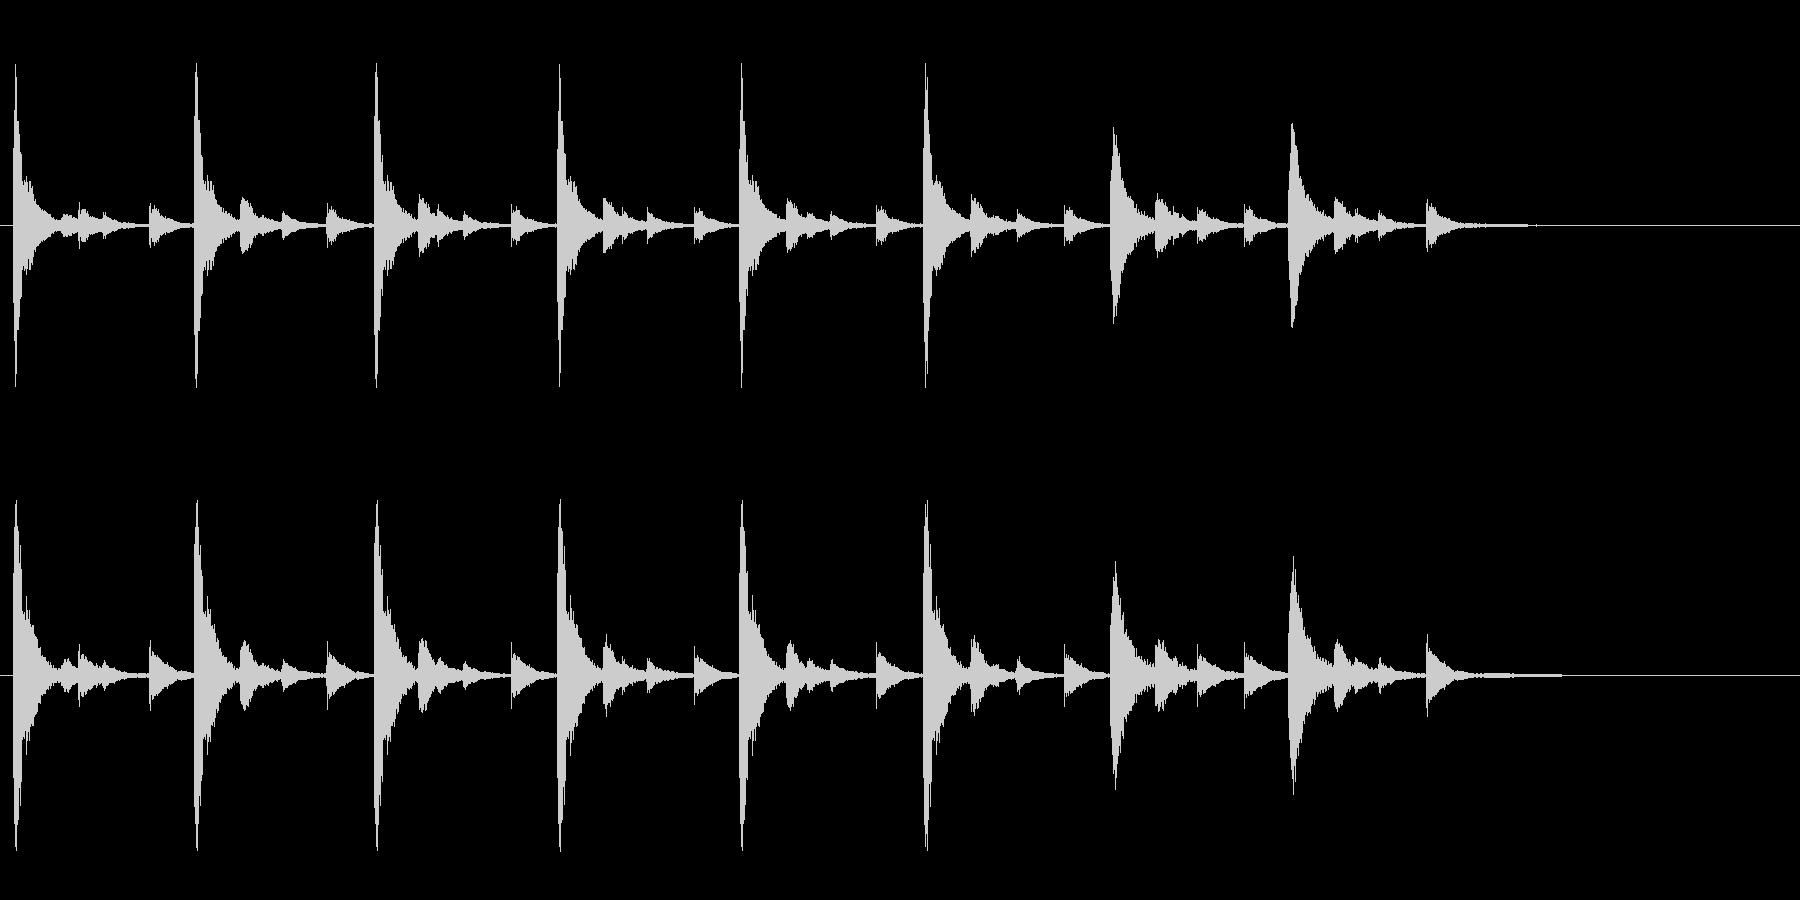 お祭りやお囃子の当たり鉦のフレーズ音の未再生の波形